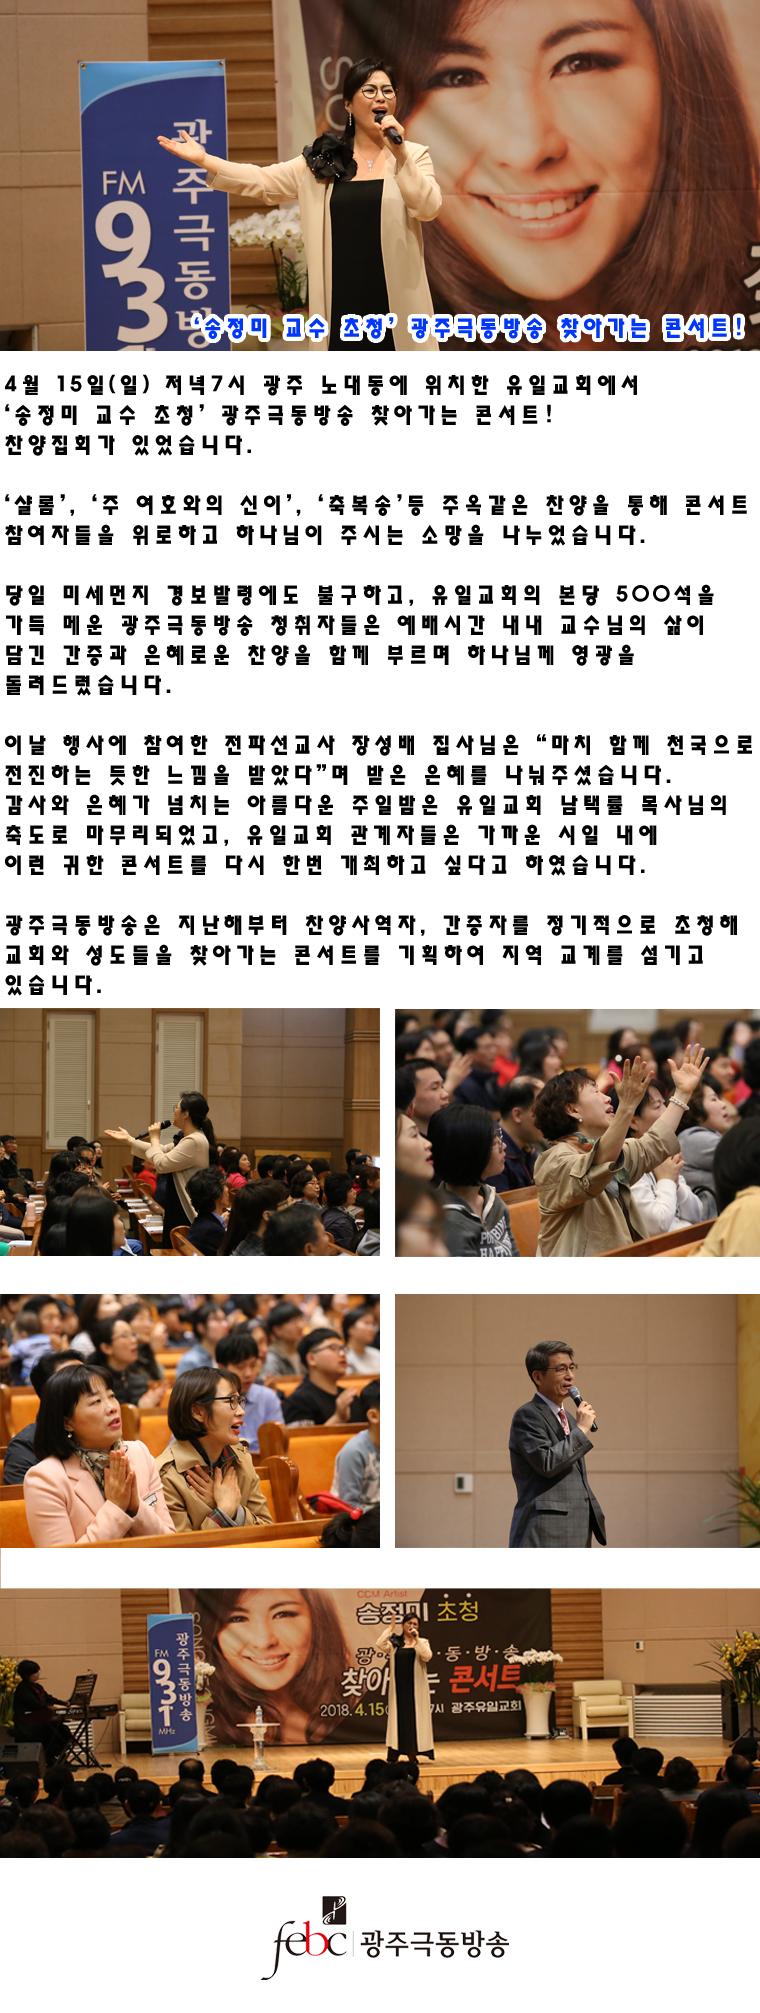 송정미 찬양콘서트.jpg